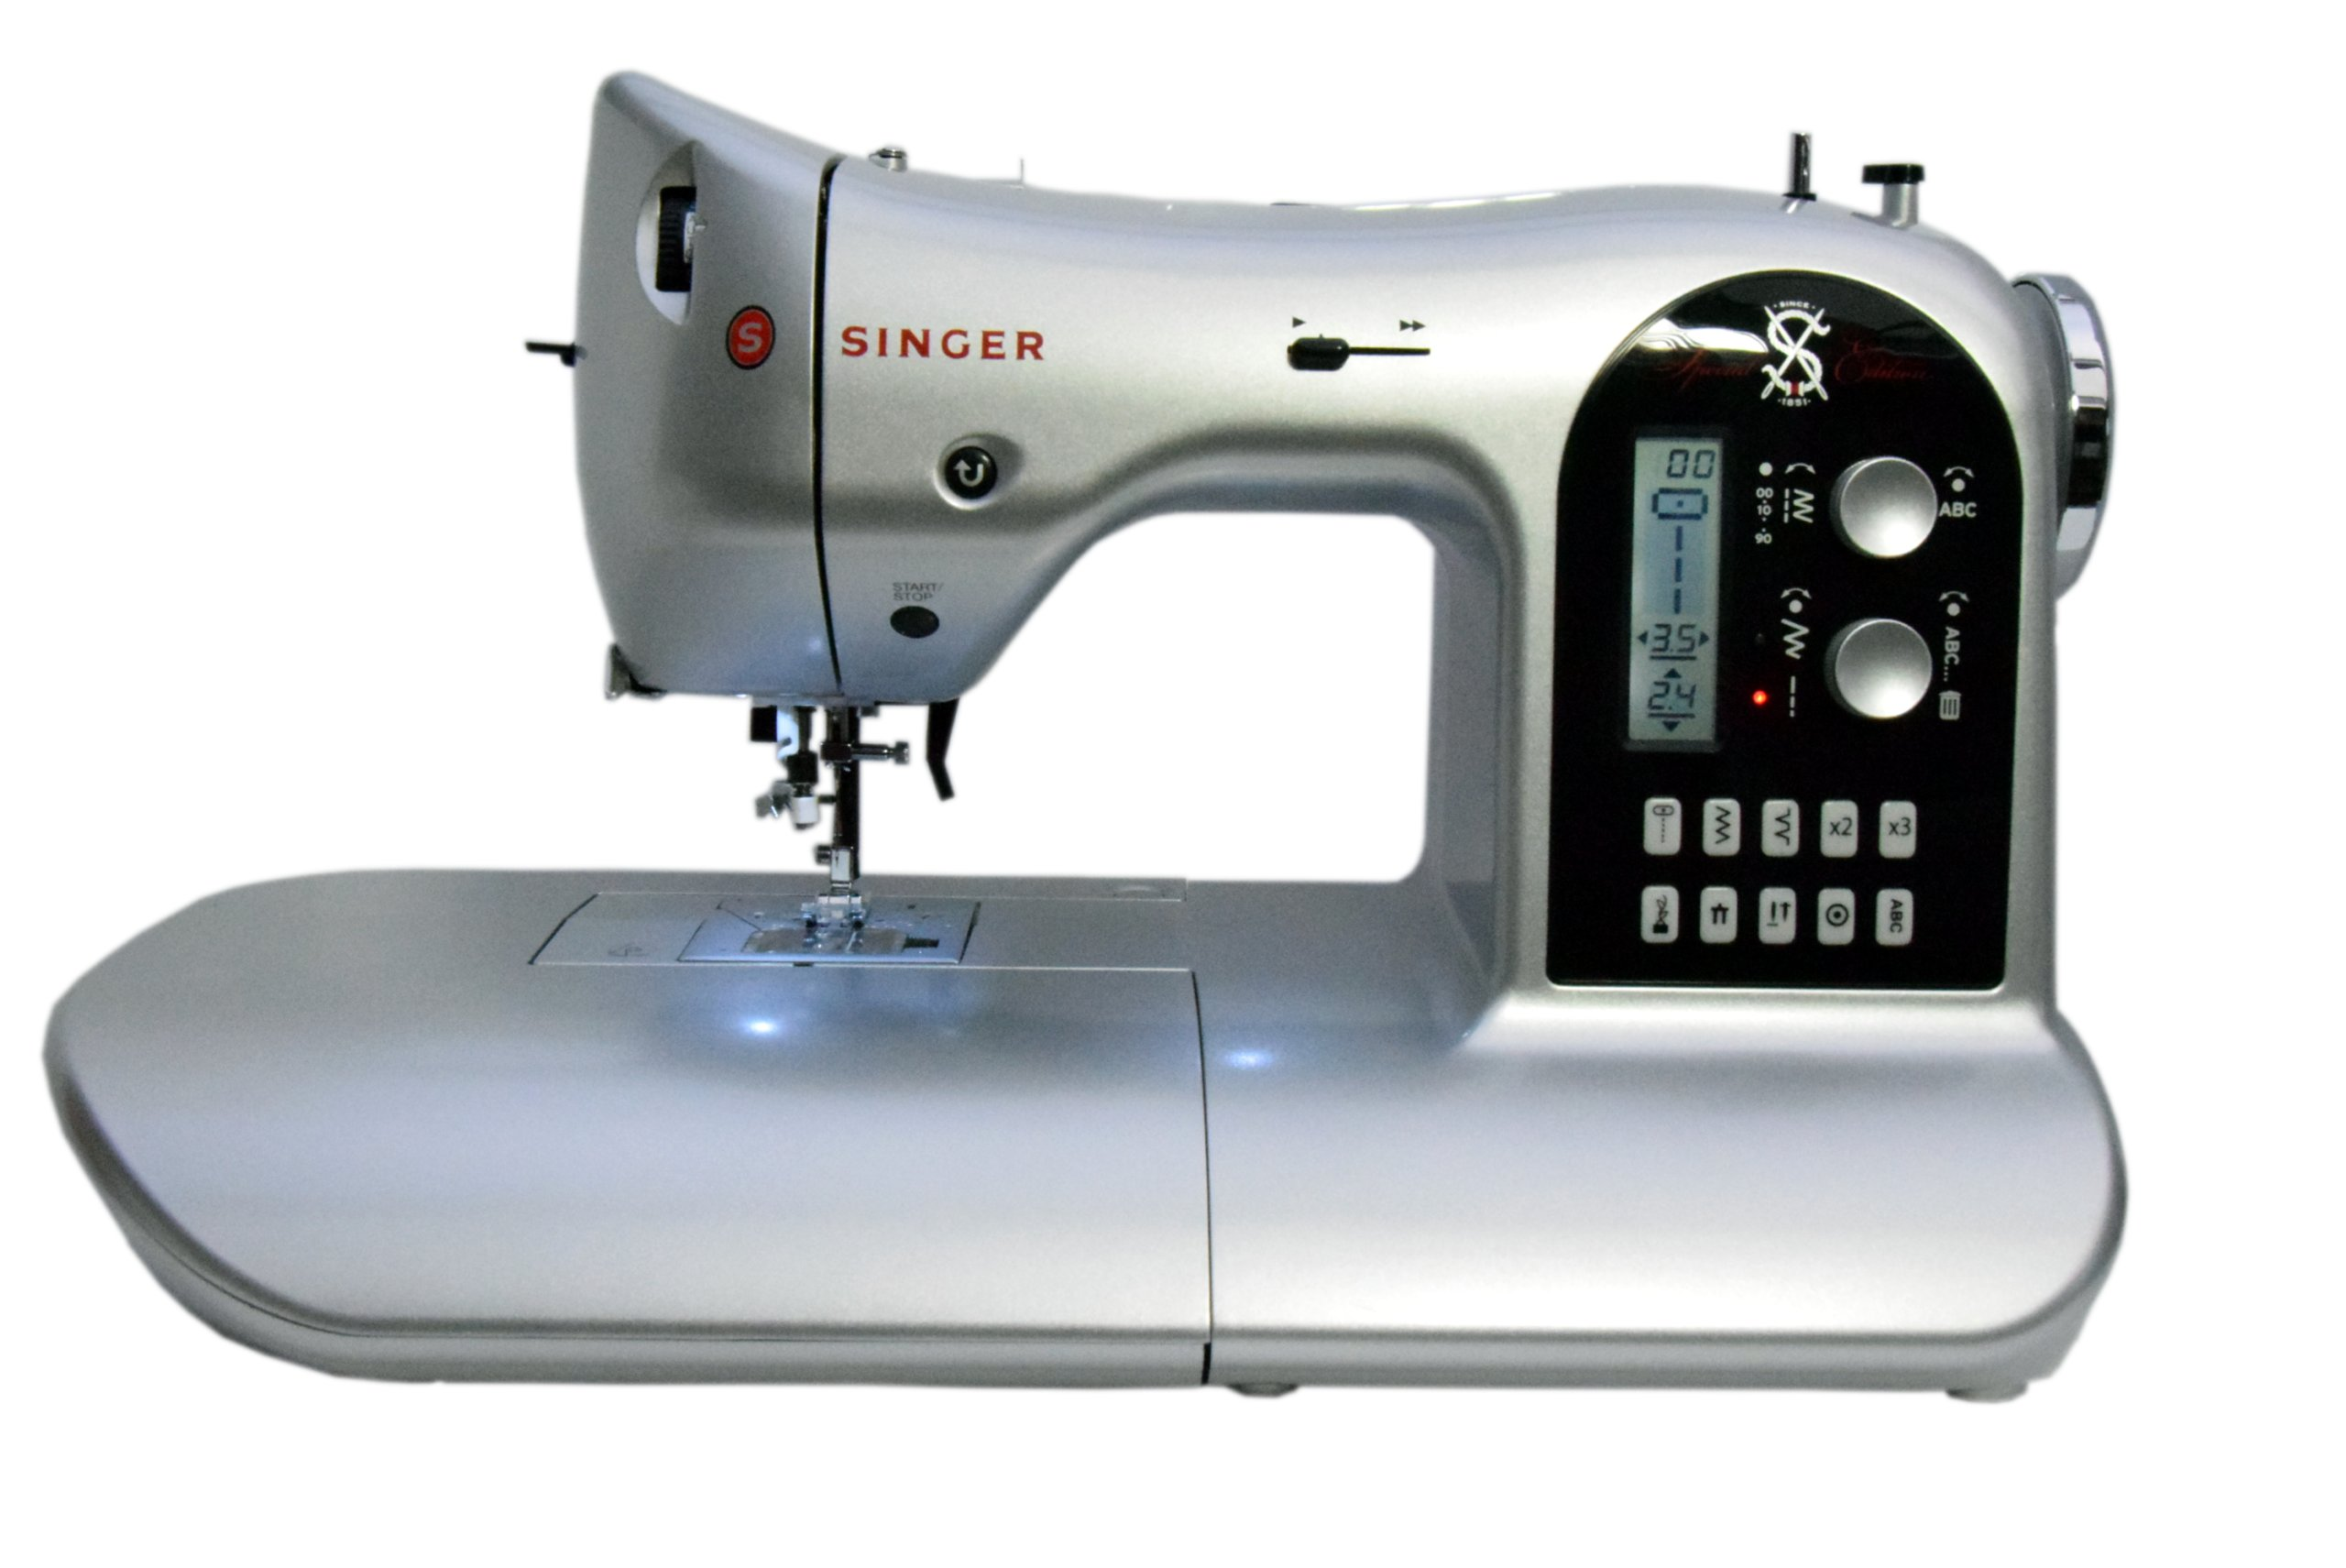 Singer 90s Special Edition Maszyna Do Szycia 6762676340 Sklep Internetowy Agd Rtv Telefony Laptopy Allegro Pl